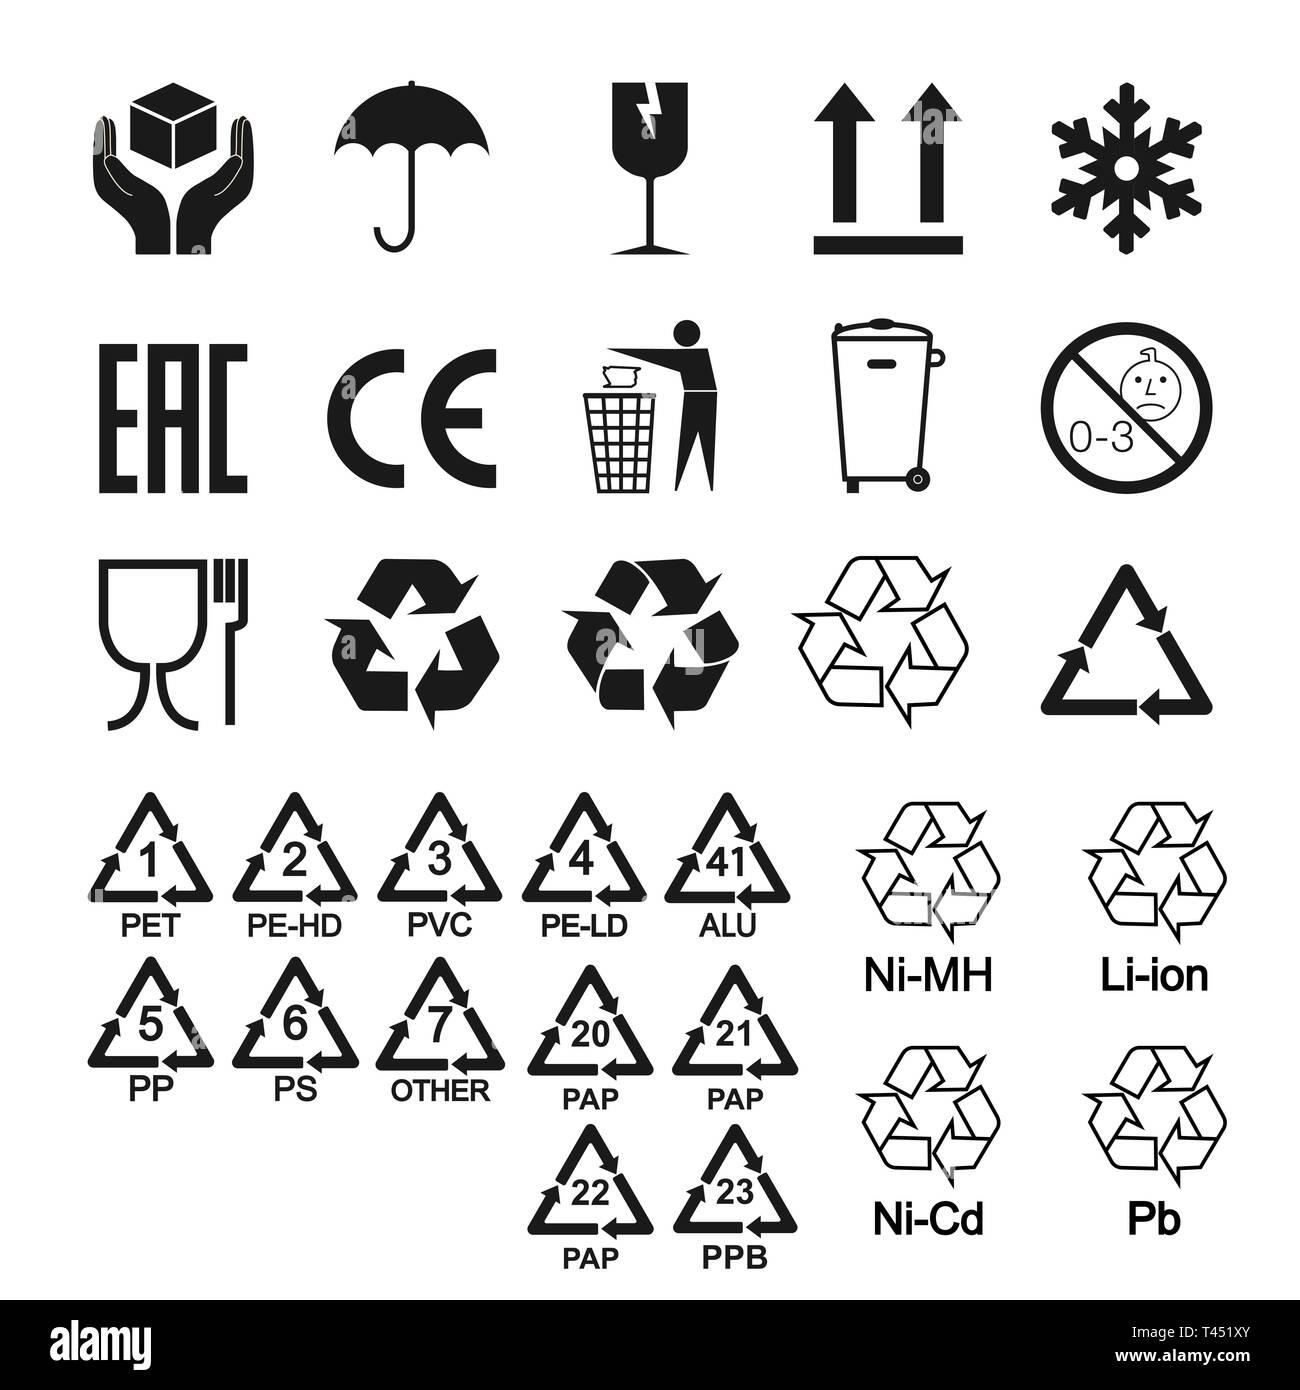 Verpackung Symbole, Zeichen gesetzt. Vector Illustration, flache Bauform Vektor Abbildung - Bild